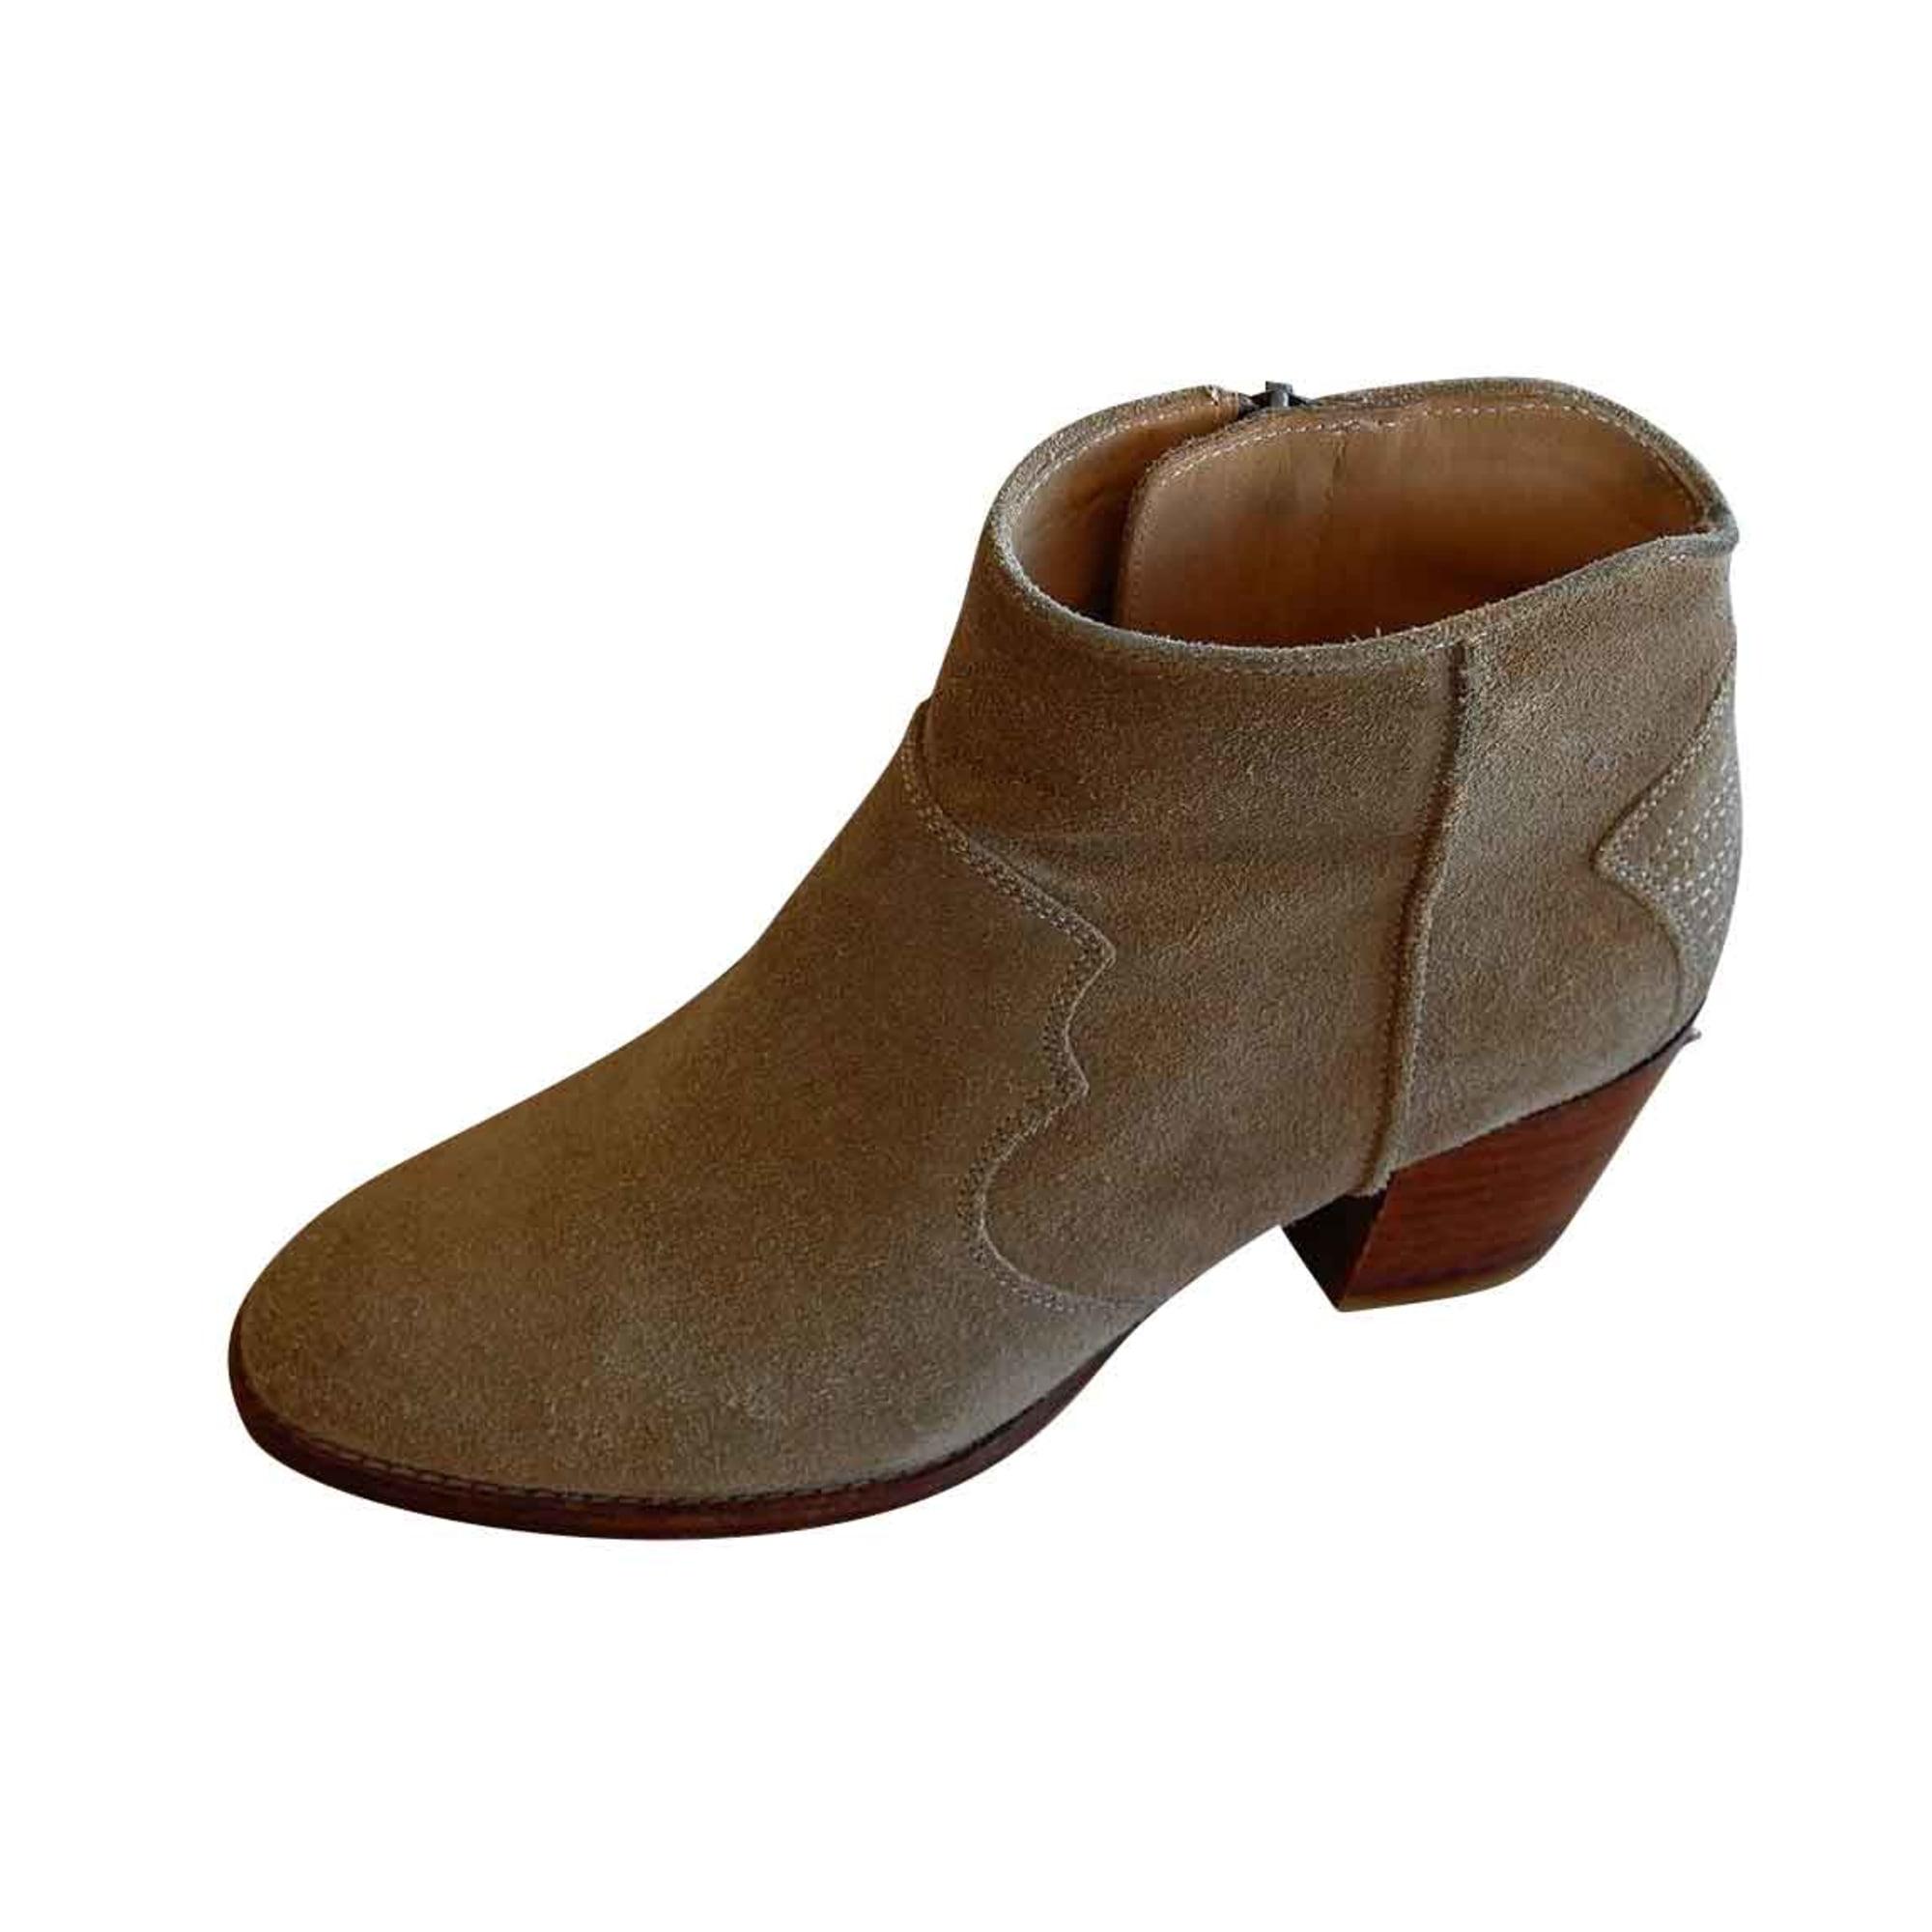 High Heel Ankle Boots ZADIG & VOLTAIRE Beige, camel